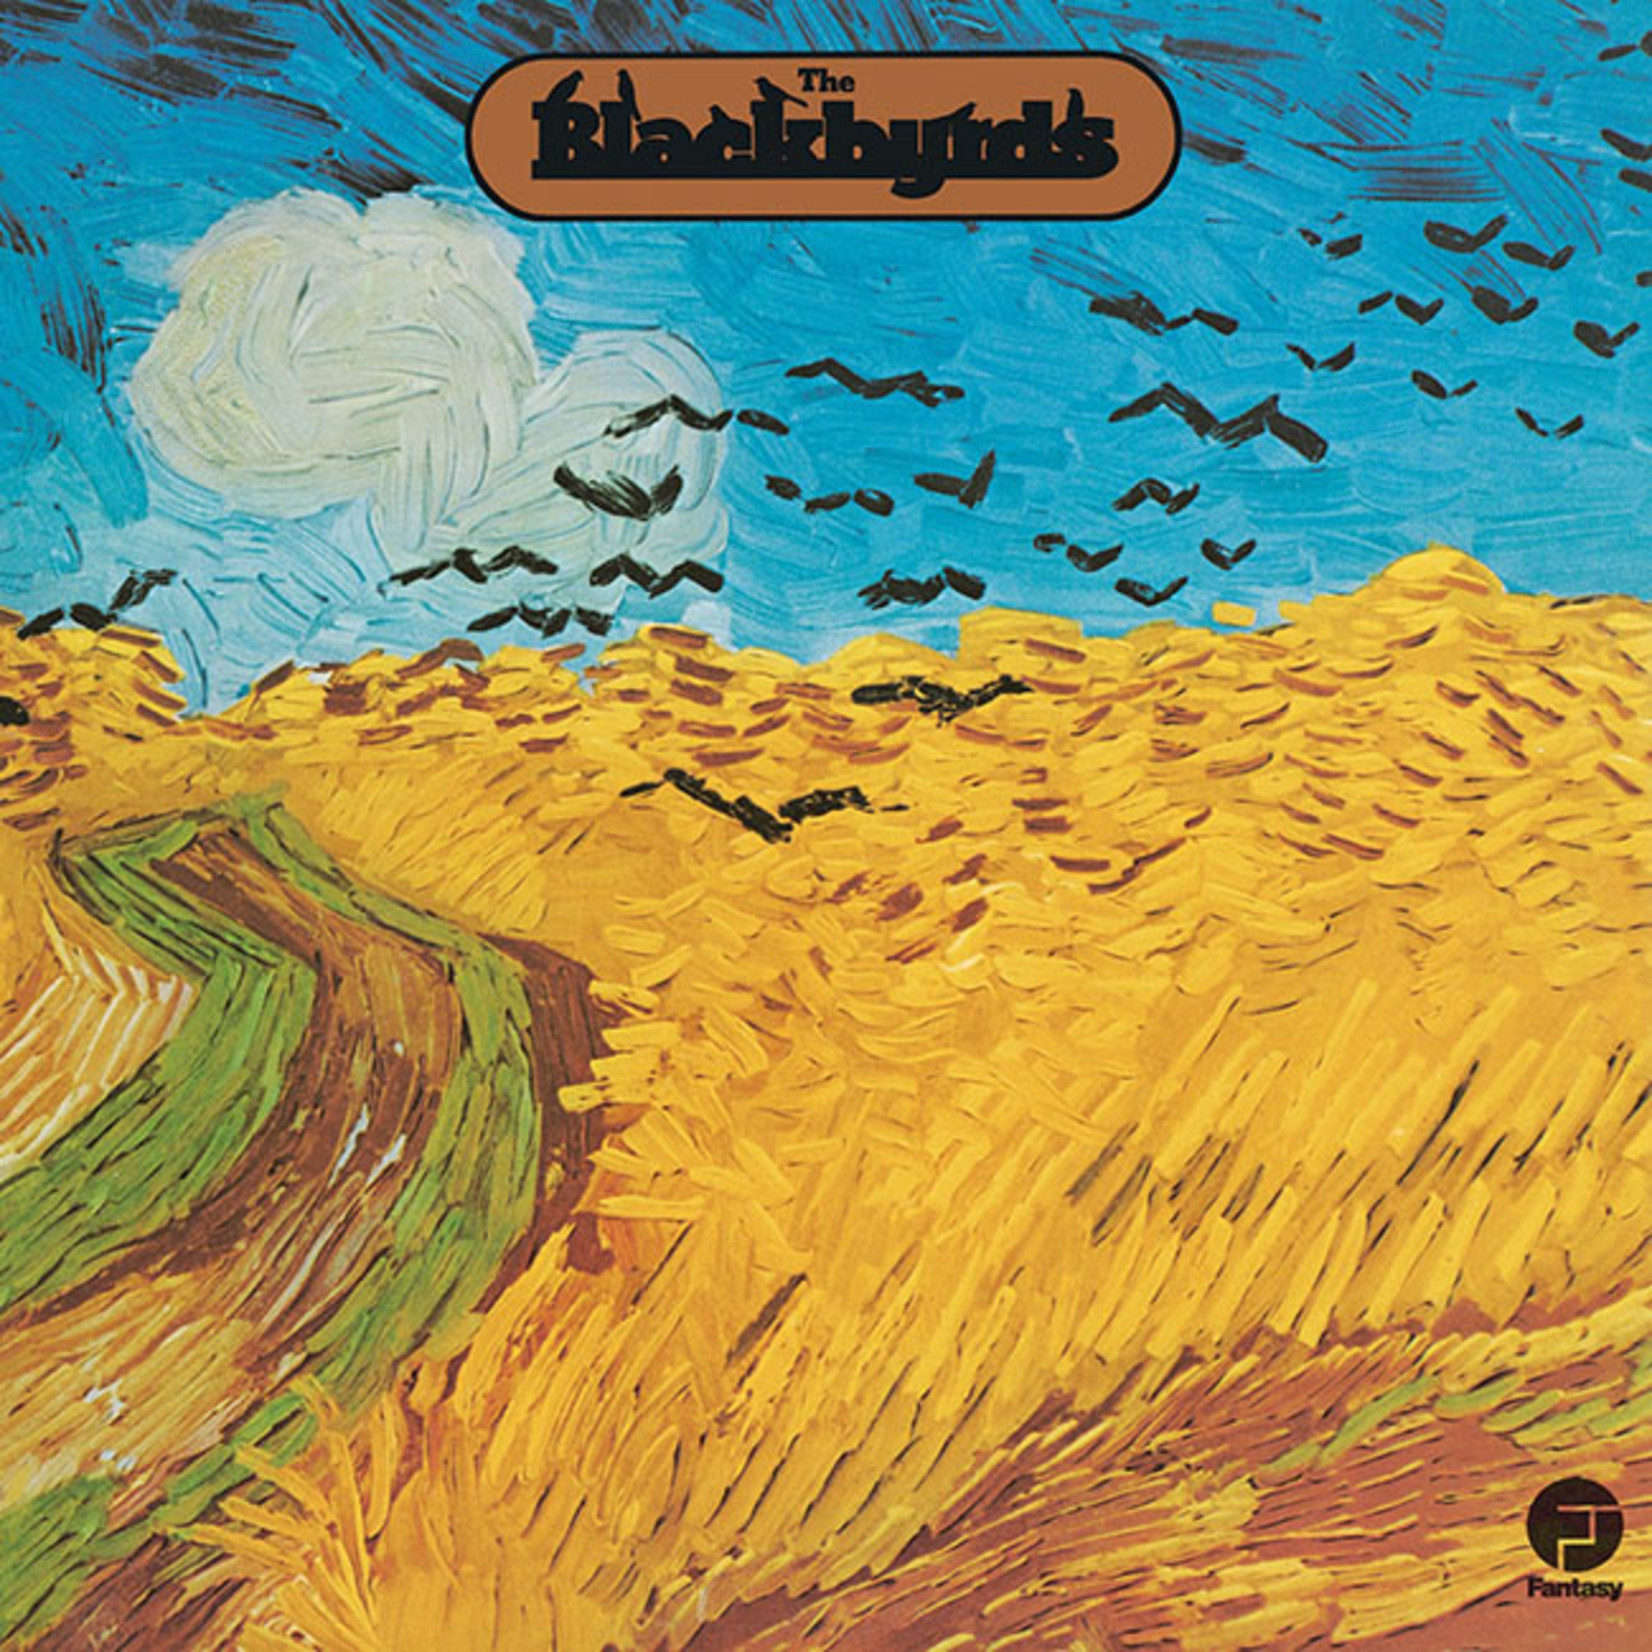 [New] Blackbyrds: The Blackbyrds